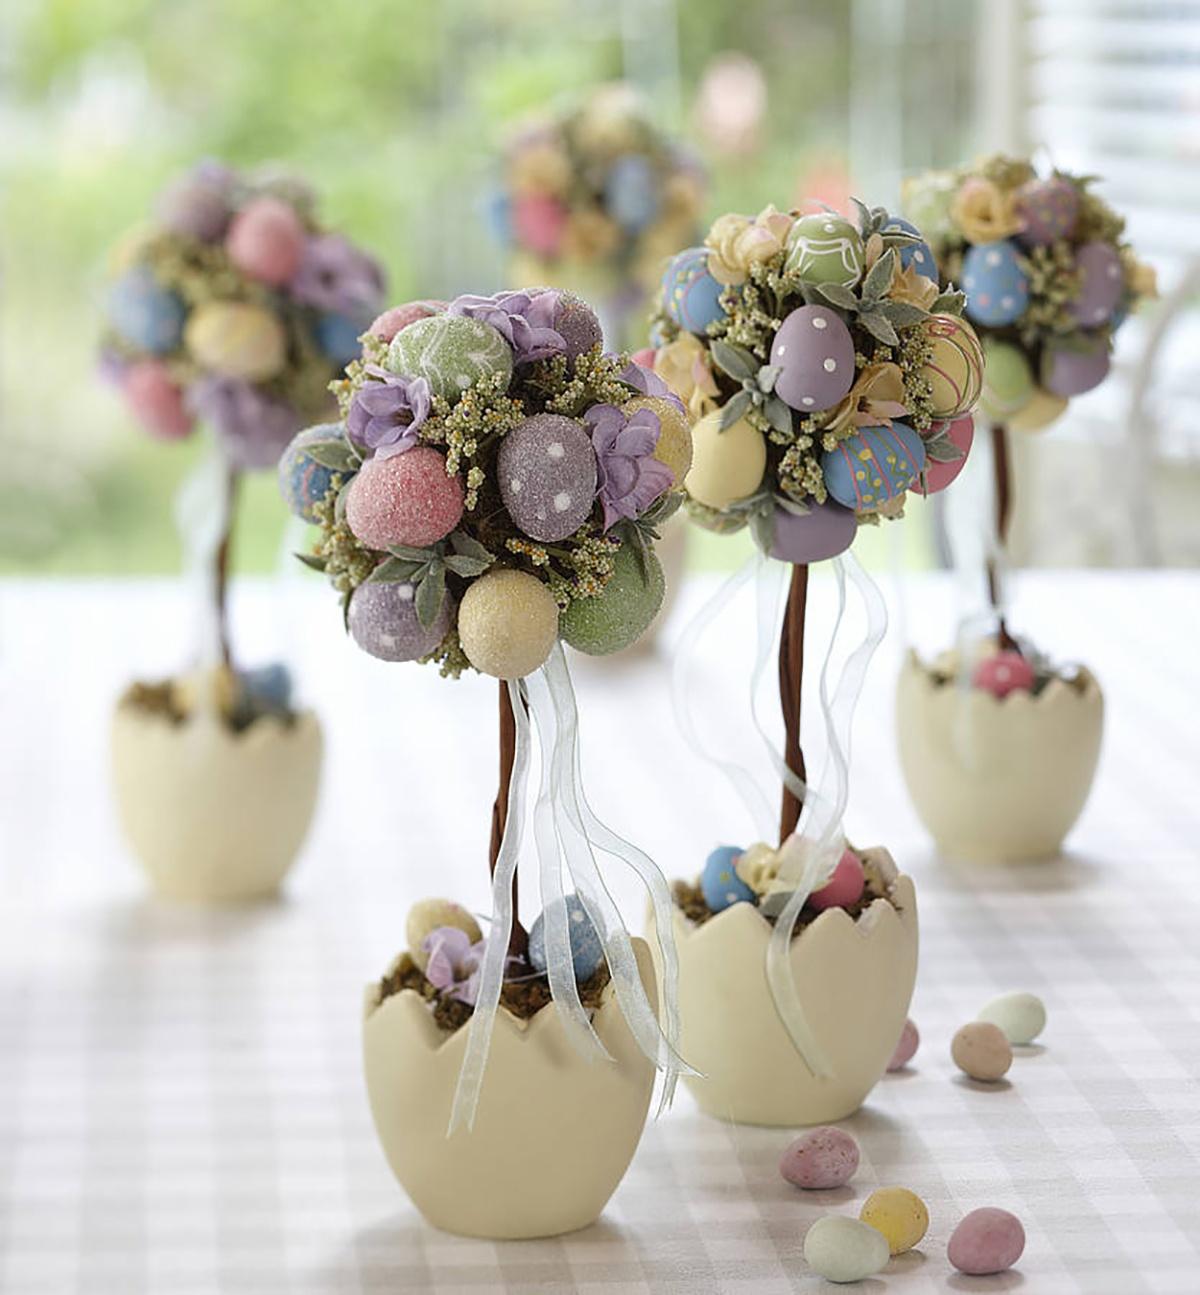 original_easter-2012-mini-pastel-egg-trees-12-99-each-2